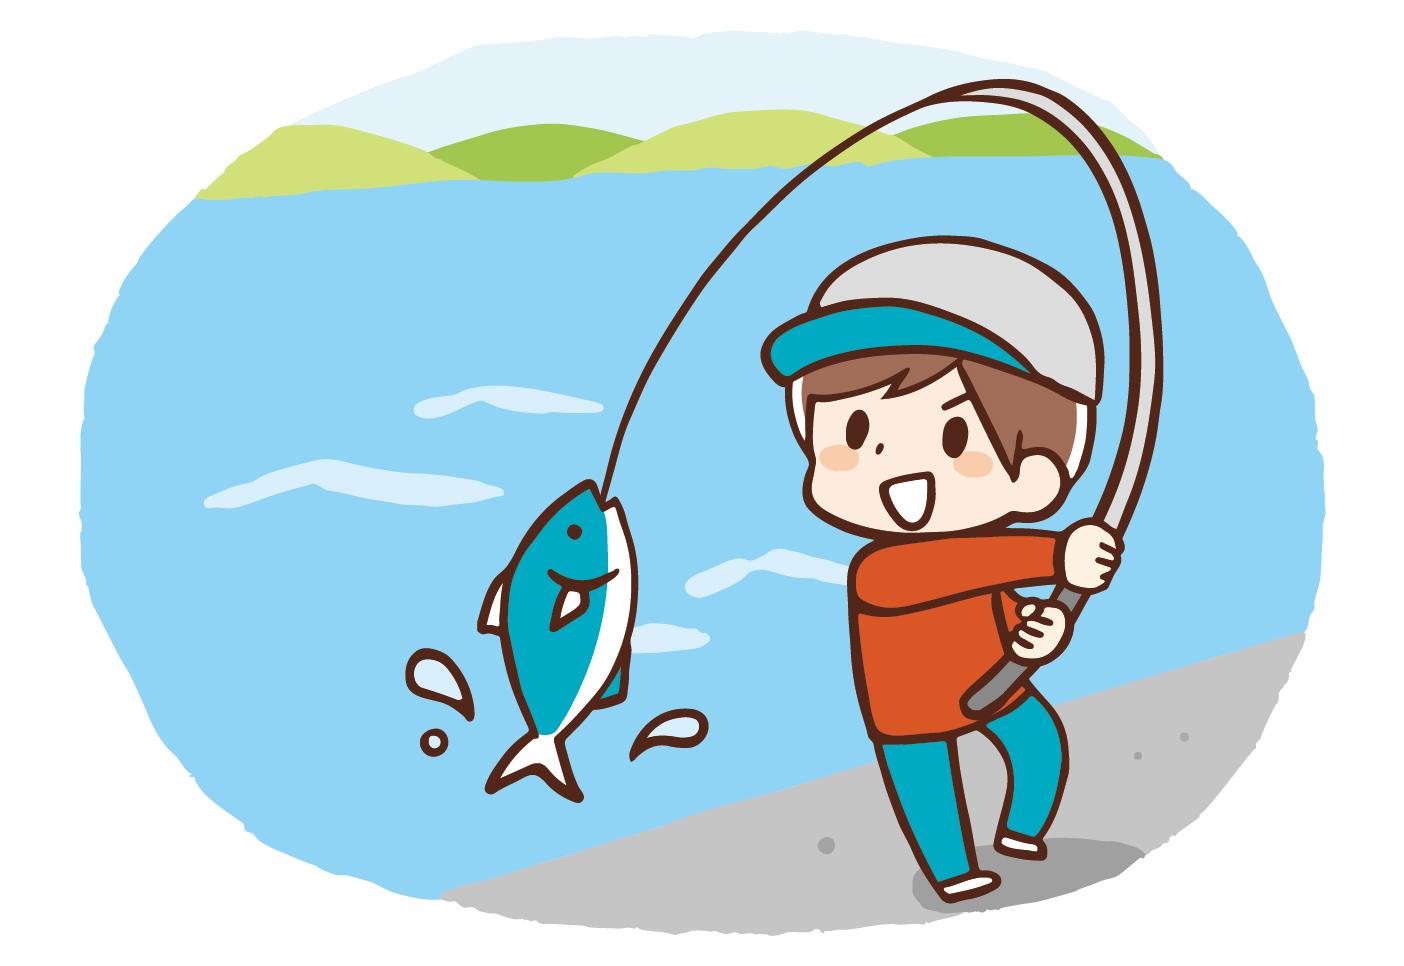 素材 釣り 魚 海 川